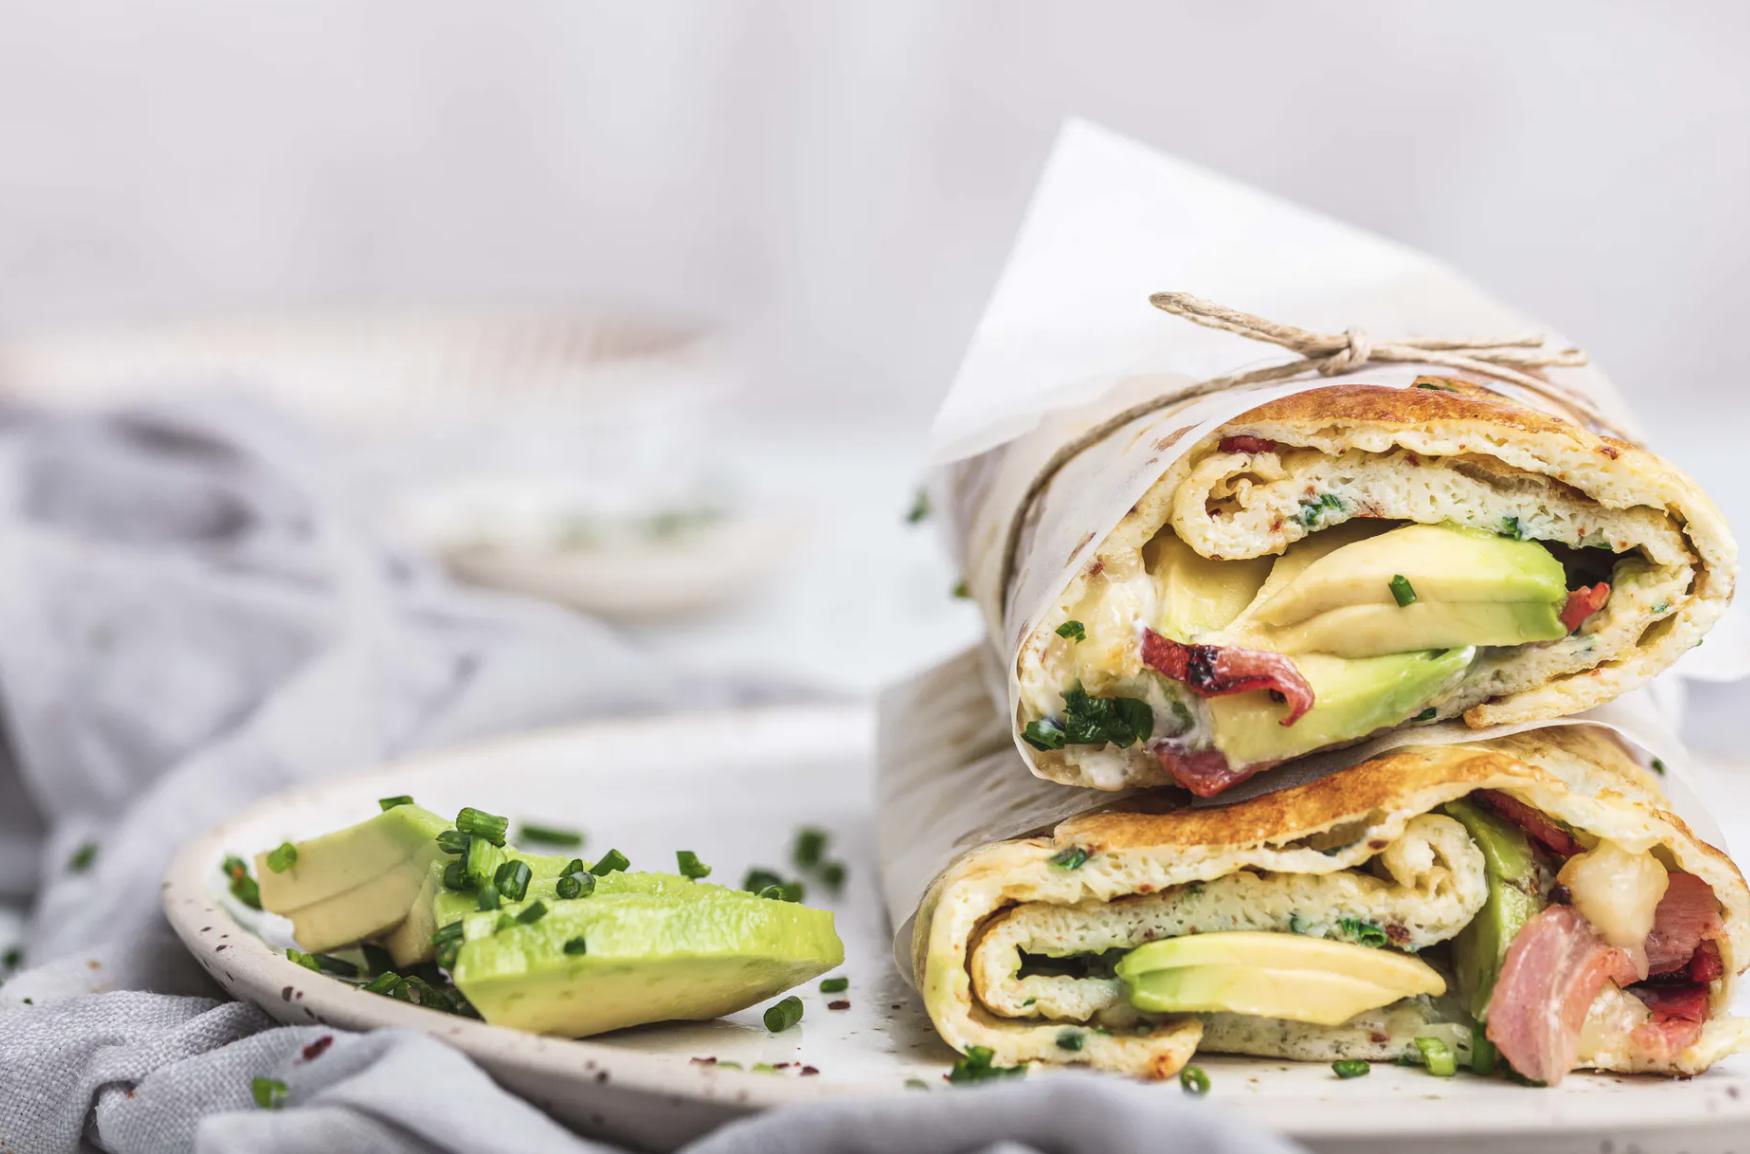 Loaded Breakfast Wrap